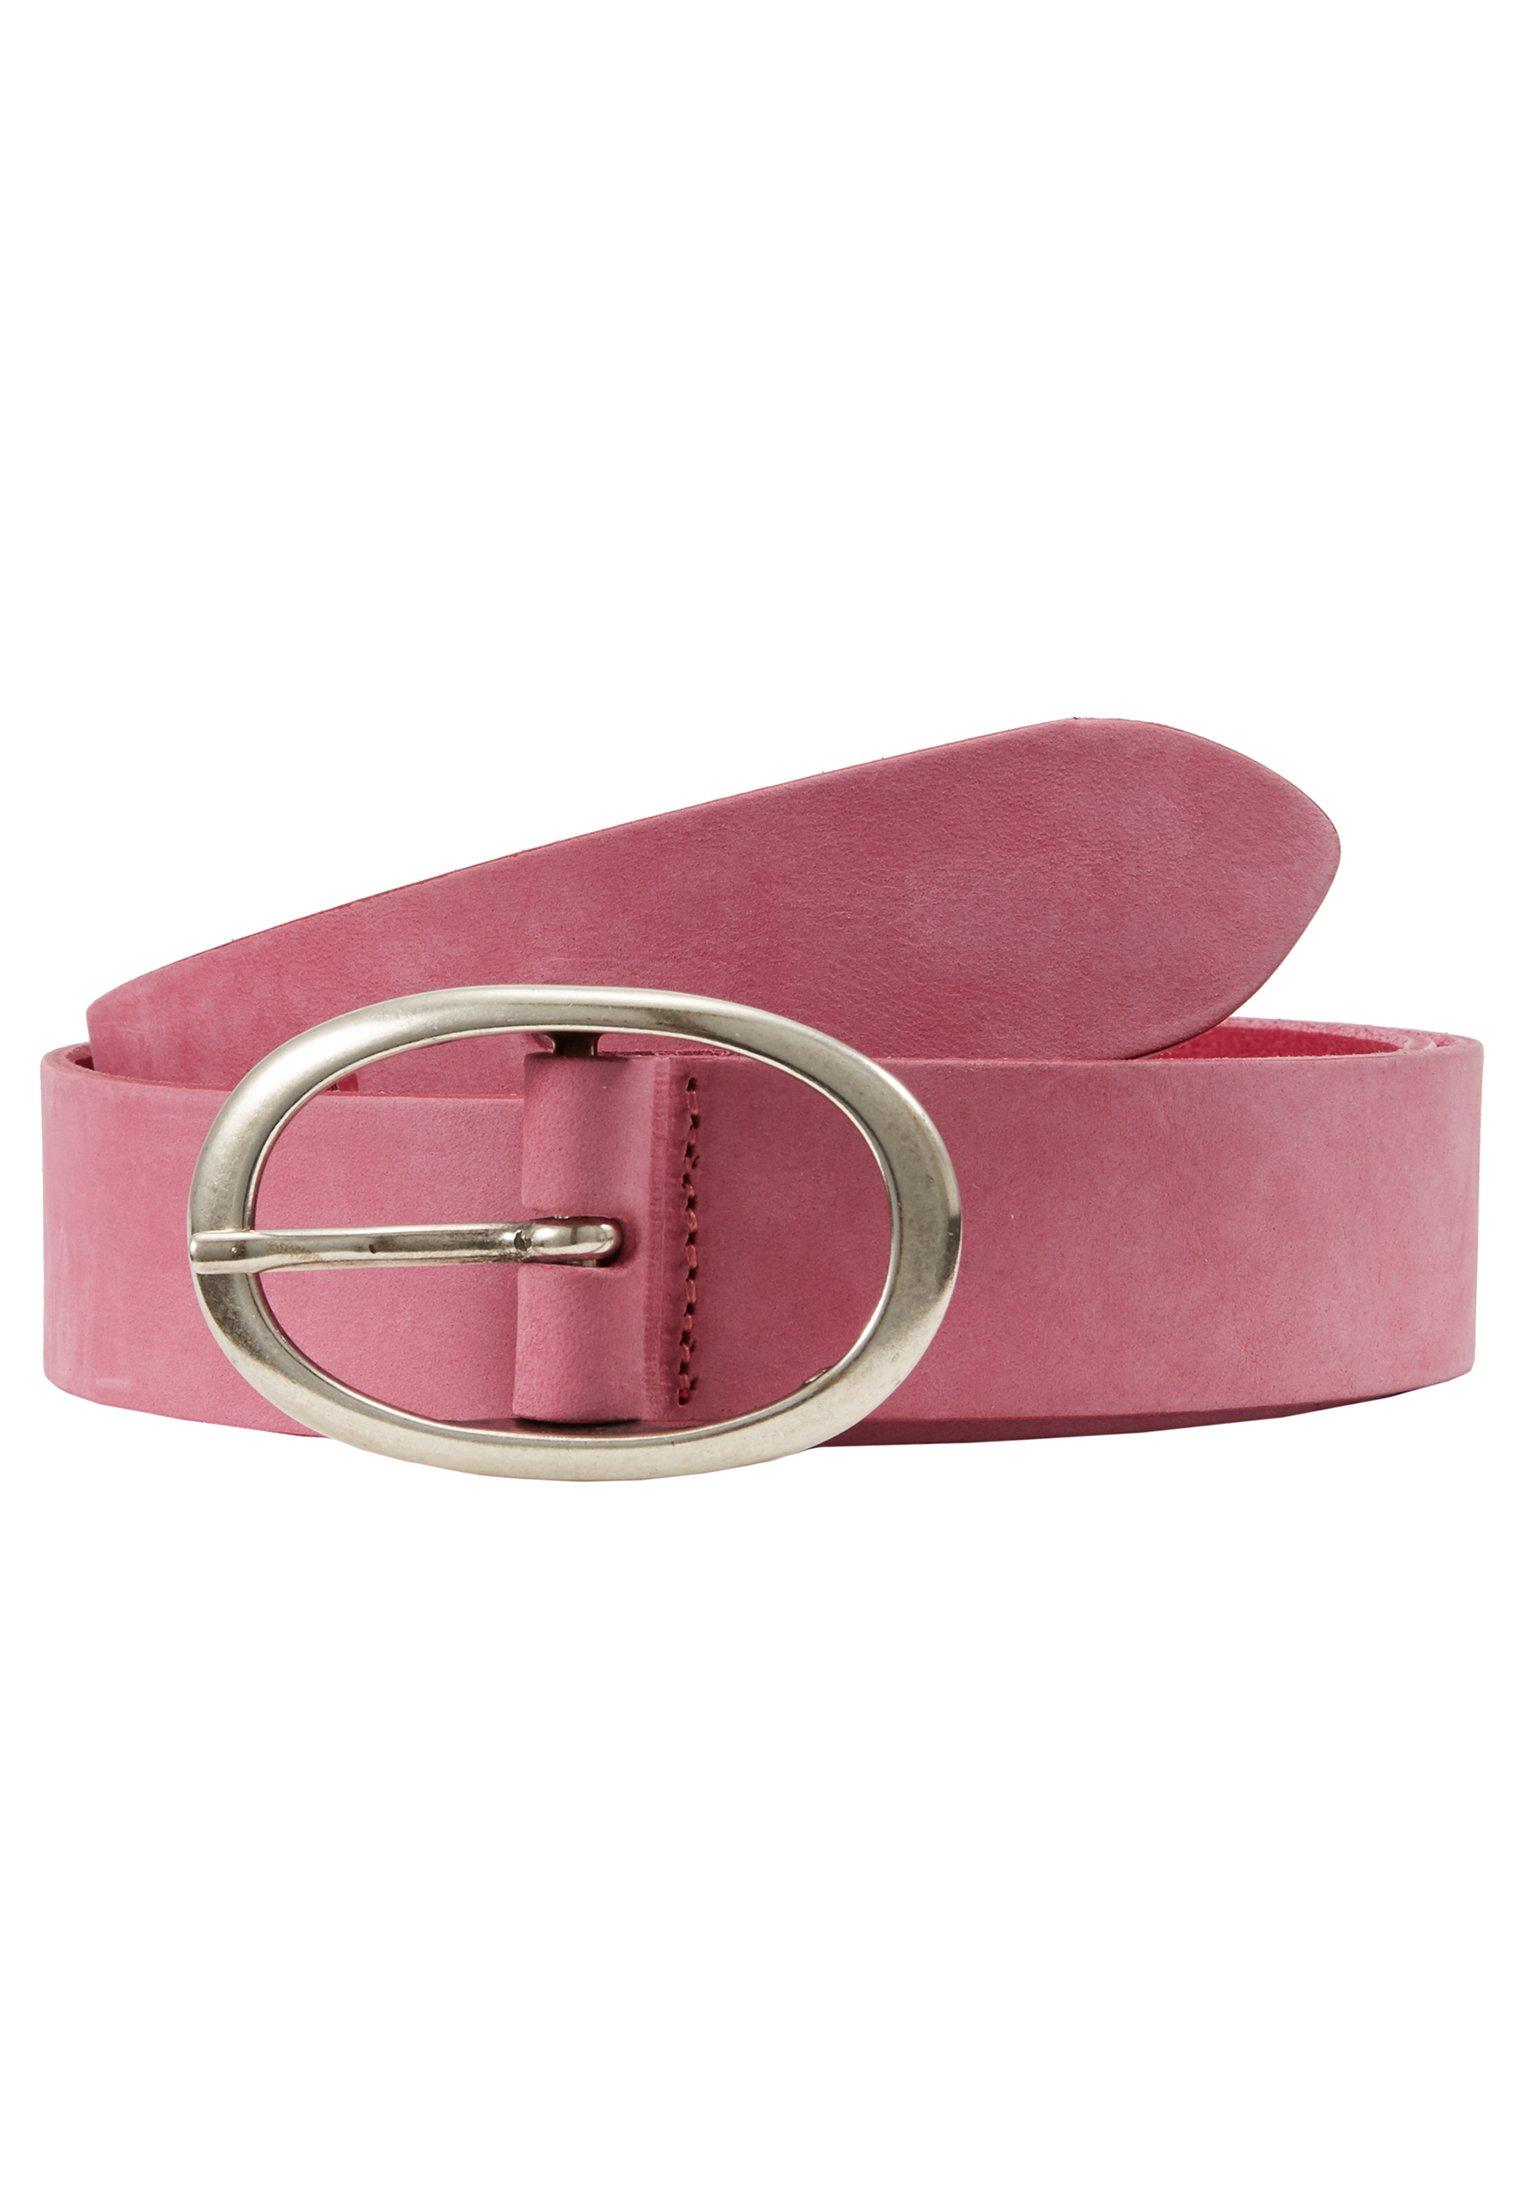 Vanzetti Belte - pink/rosa QiMkxLHXlTAGlDi